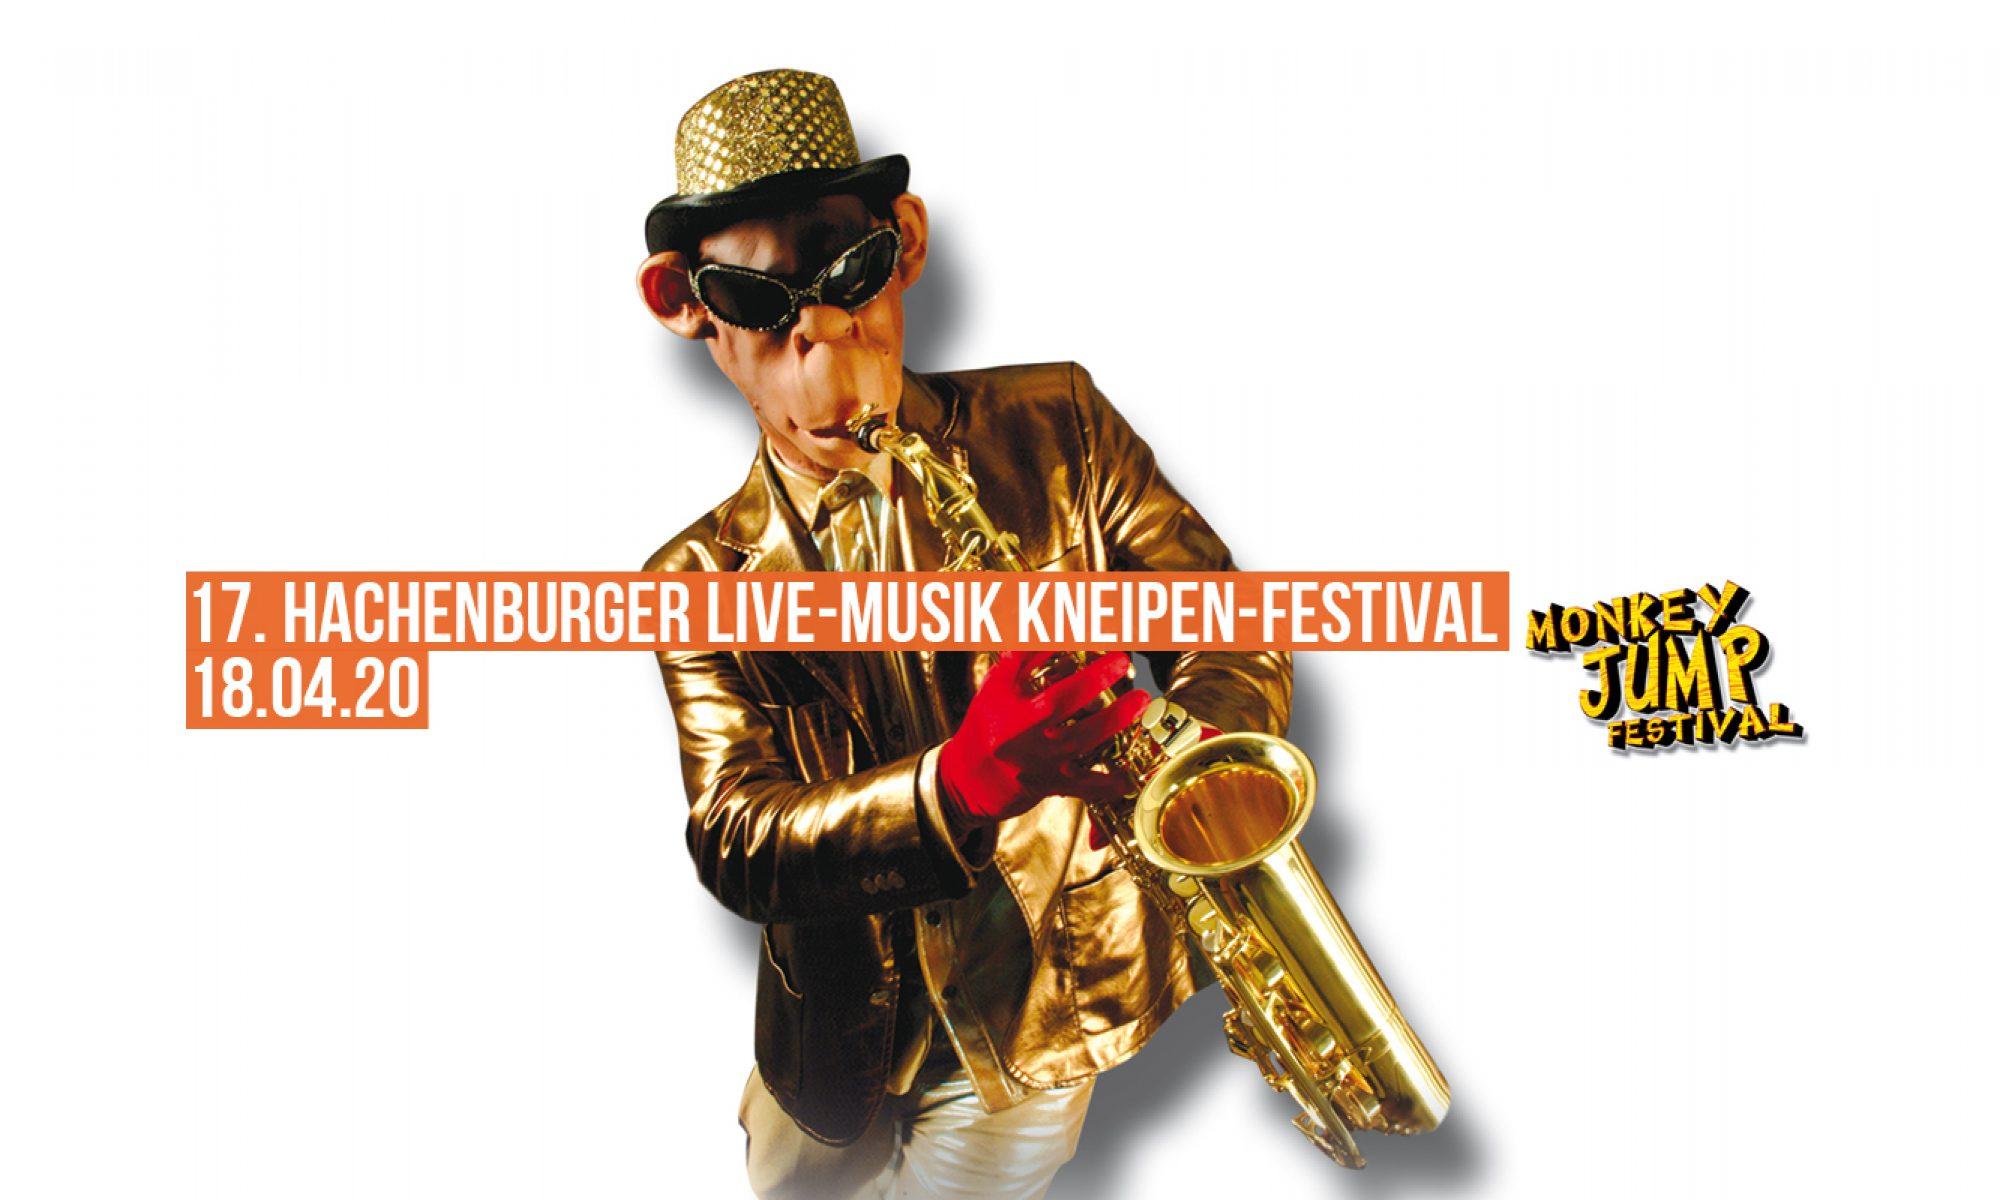 Monkey Jump Kneipenfestival Hachenburg